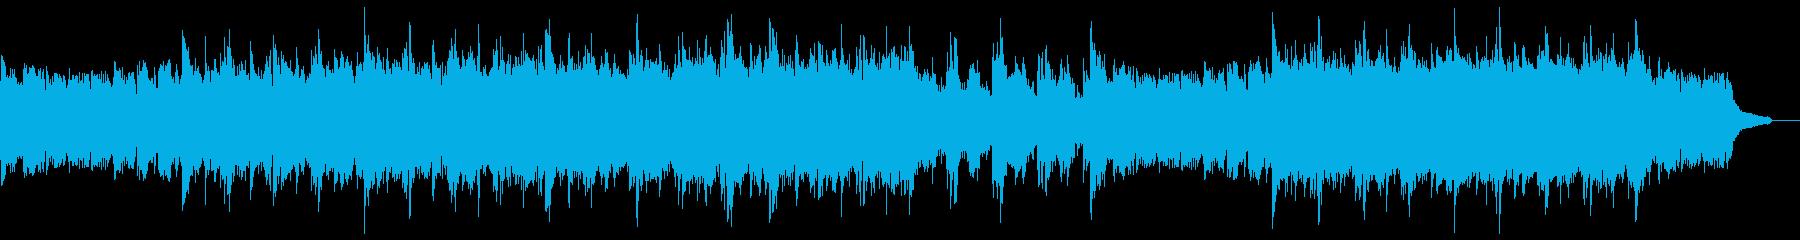 雄大なピアノアルペジオ:打楽器抜きの再生済みの波形